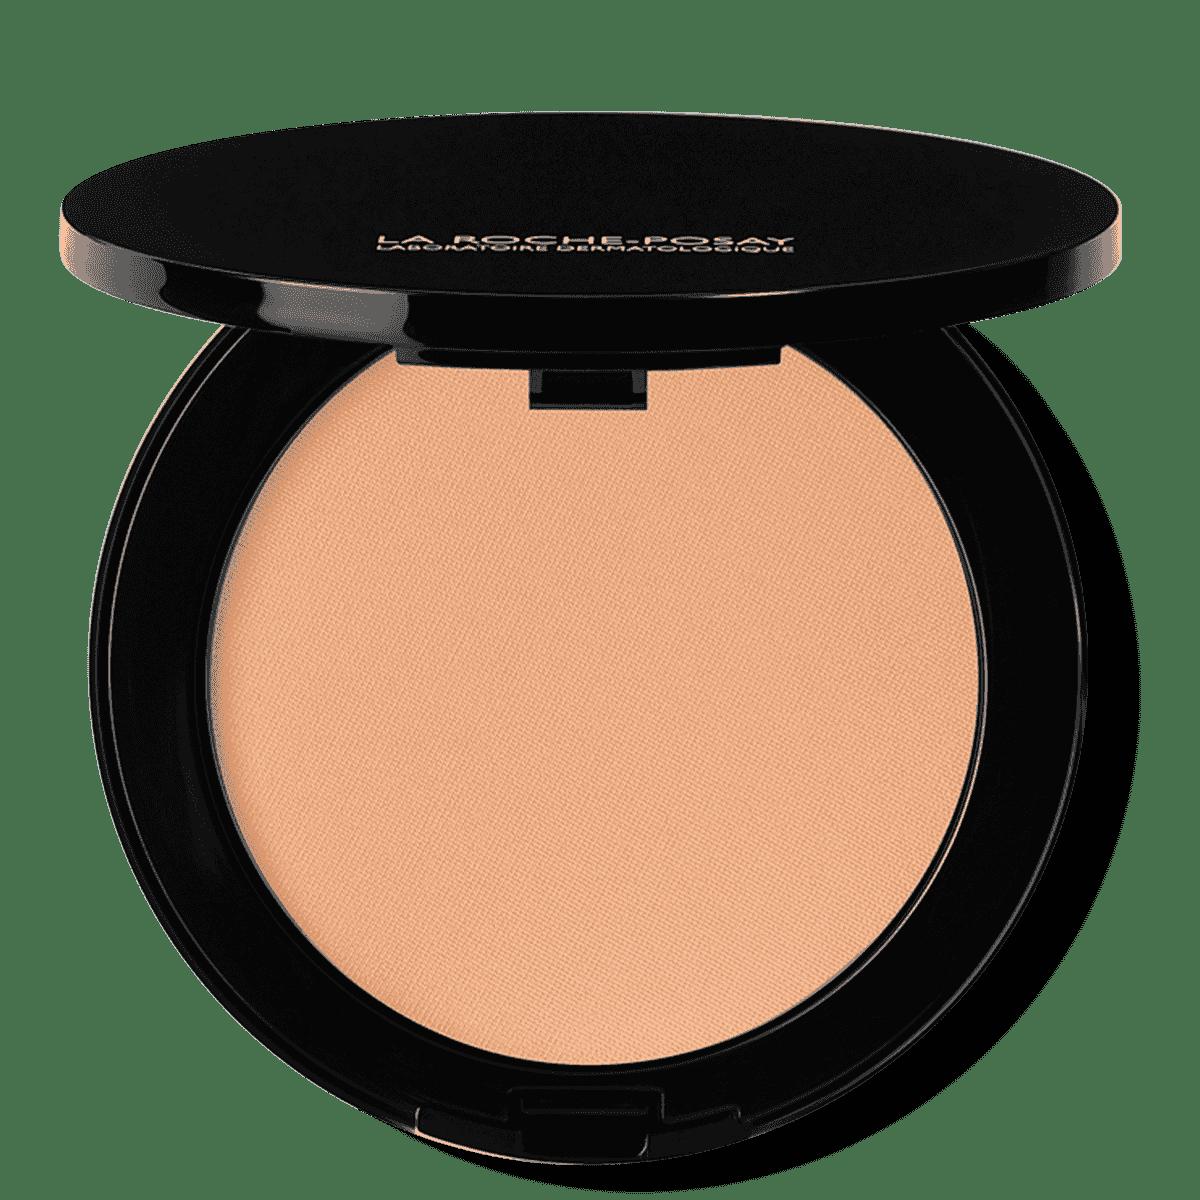 La Roche Posay Herkkä Toleriane Make up COMPACT POWDER 13SandBeige